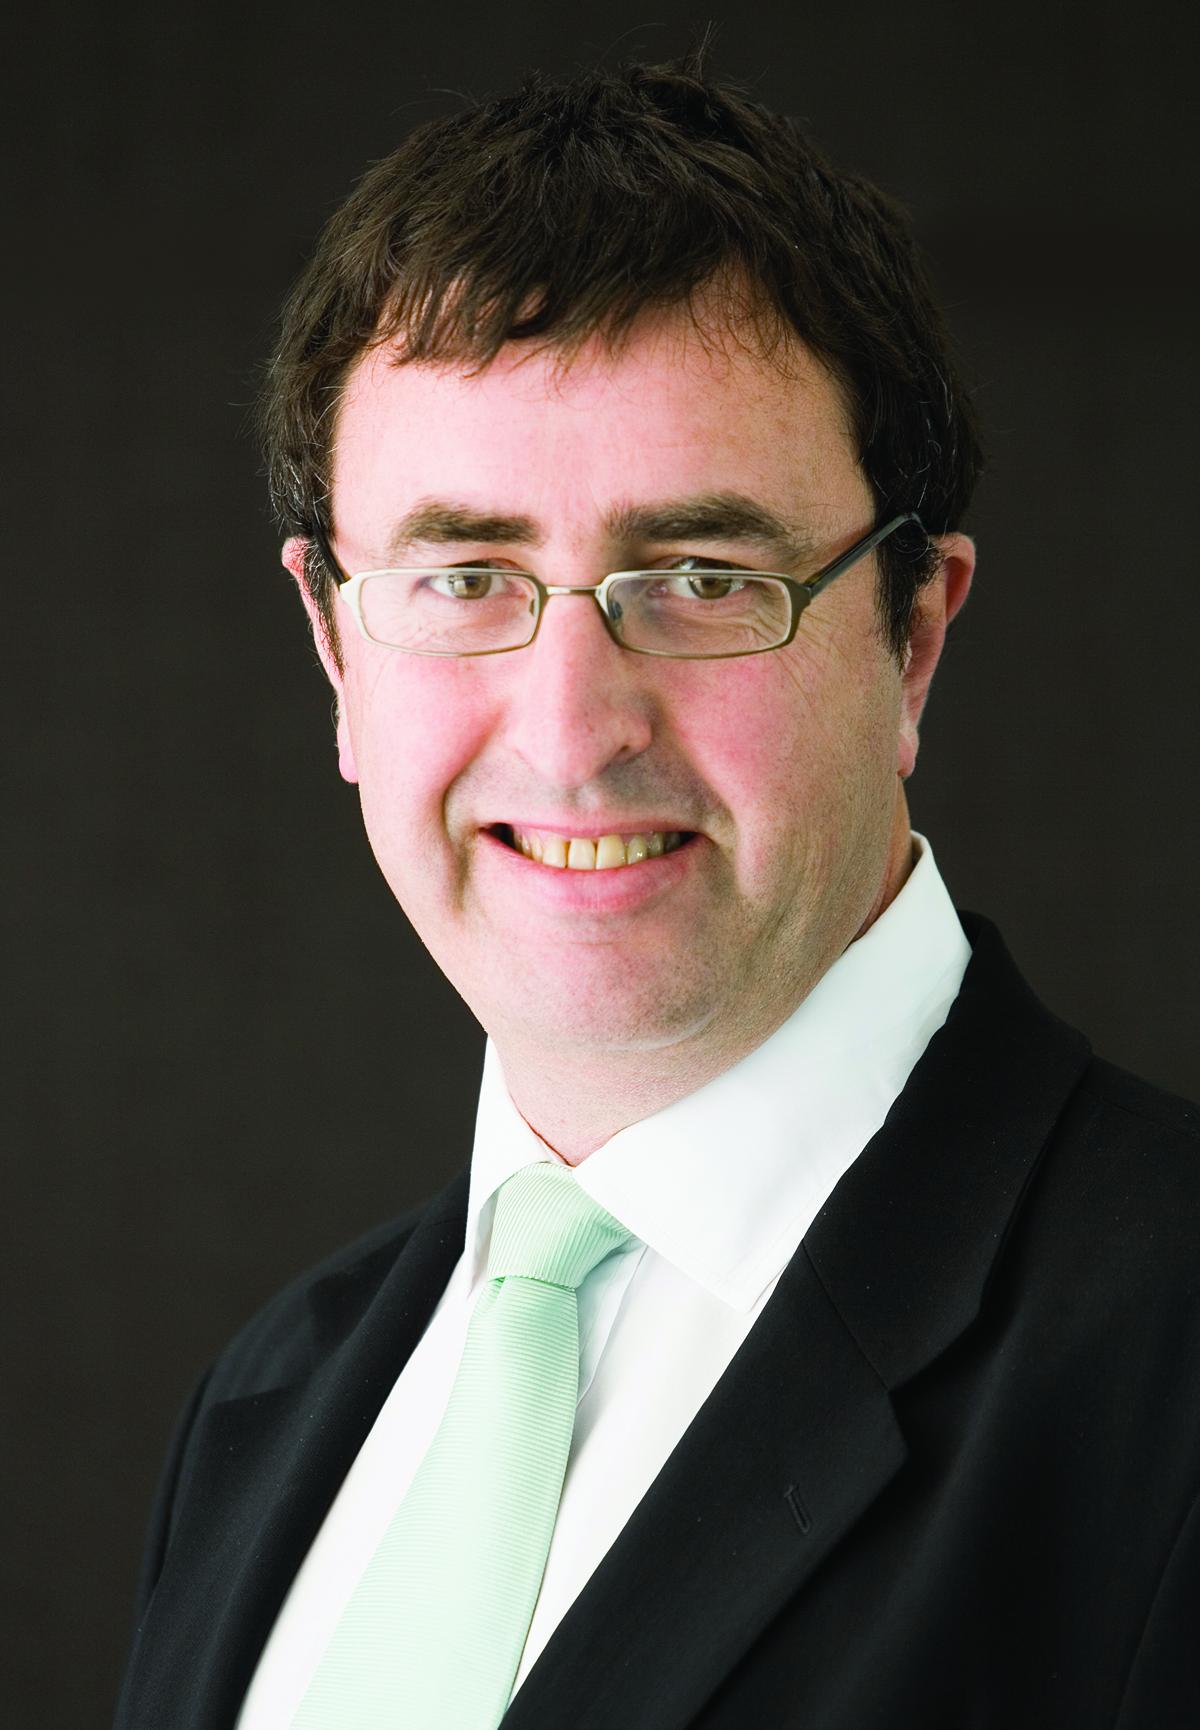 Andrew Lumsden